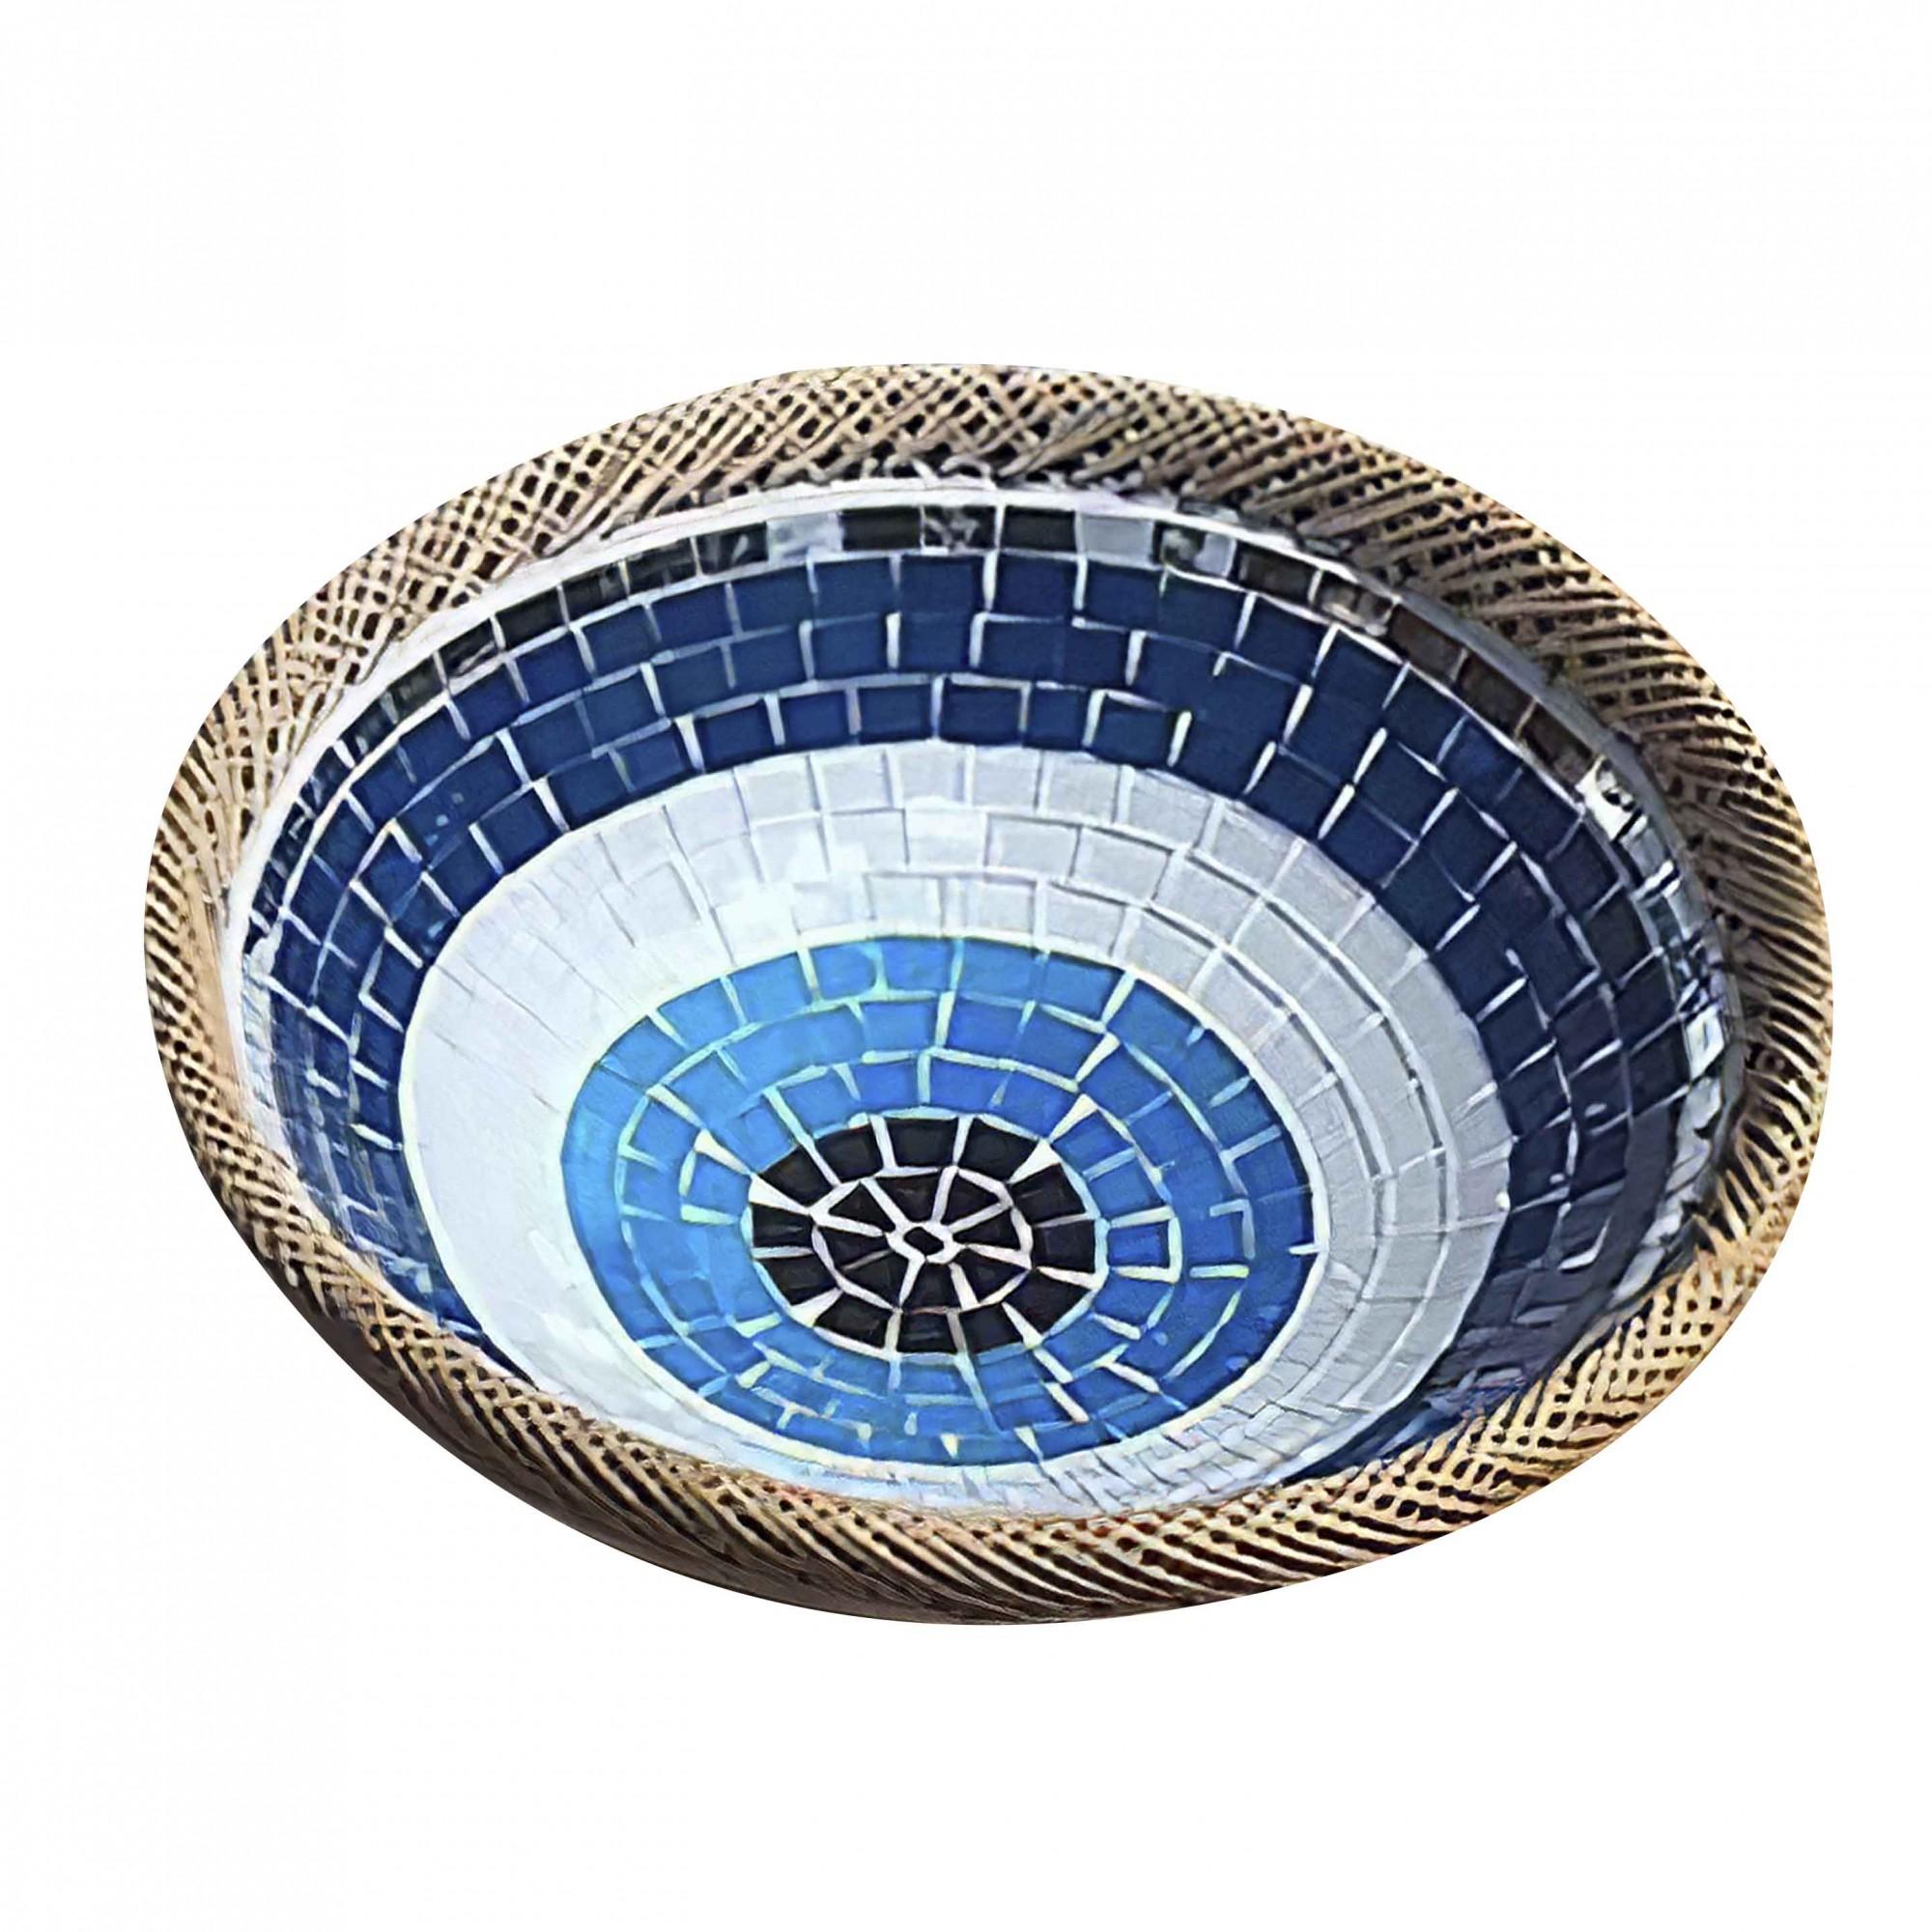 Prato Cerâmica Redondo com Mosaico de Olho Grego com Bordas em Rattan ( 30 cm )